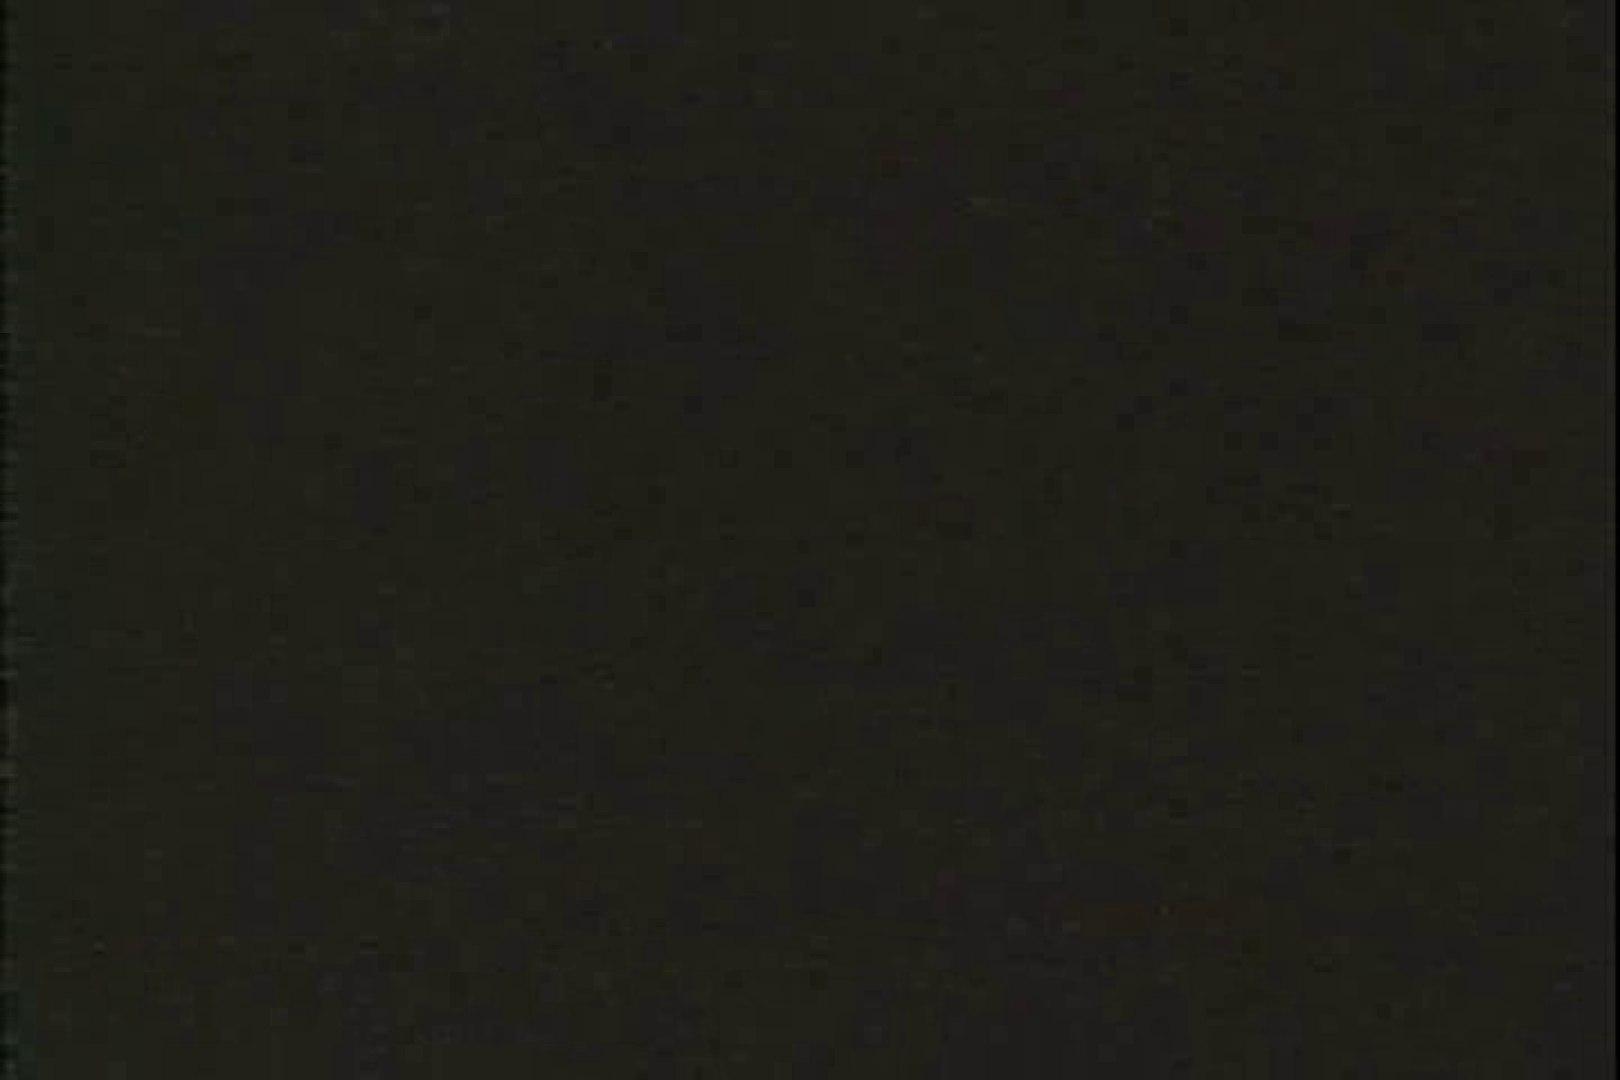 「ちくりん」さんのオリジナル未編集パンチラVol.6_01 盗撮特集 AV動画キャプチャ 73画像 63